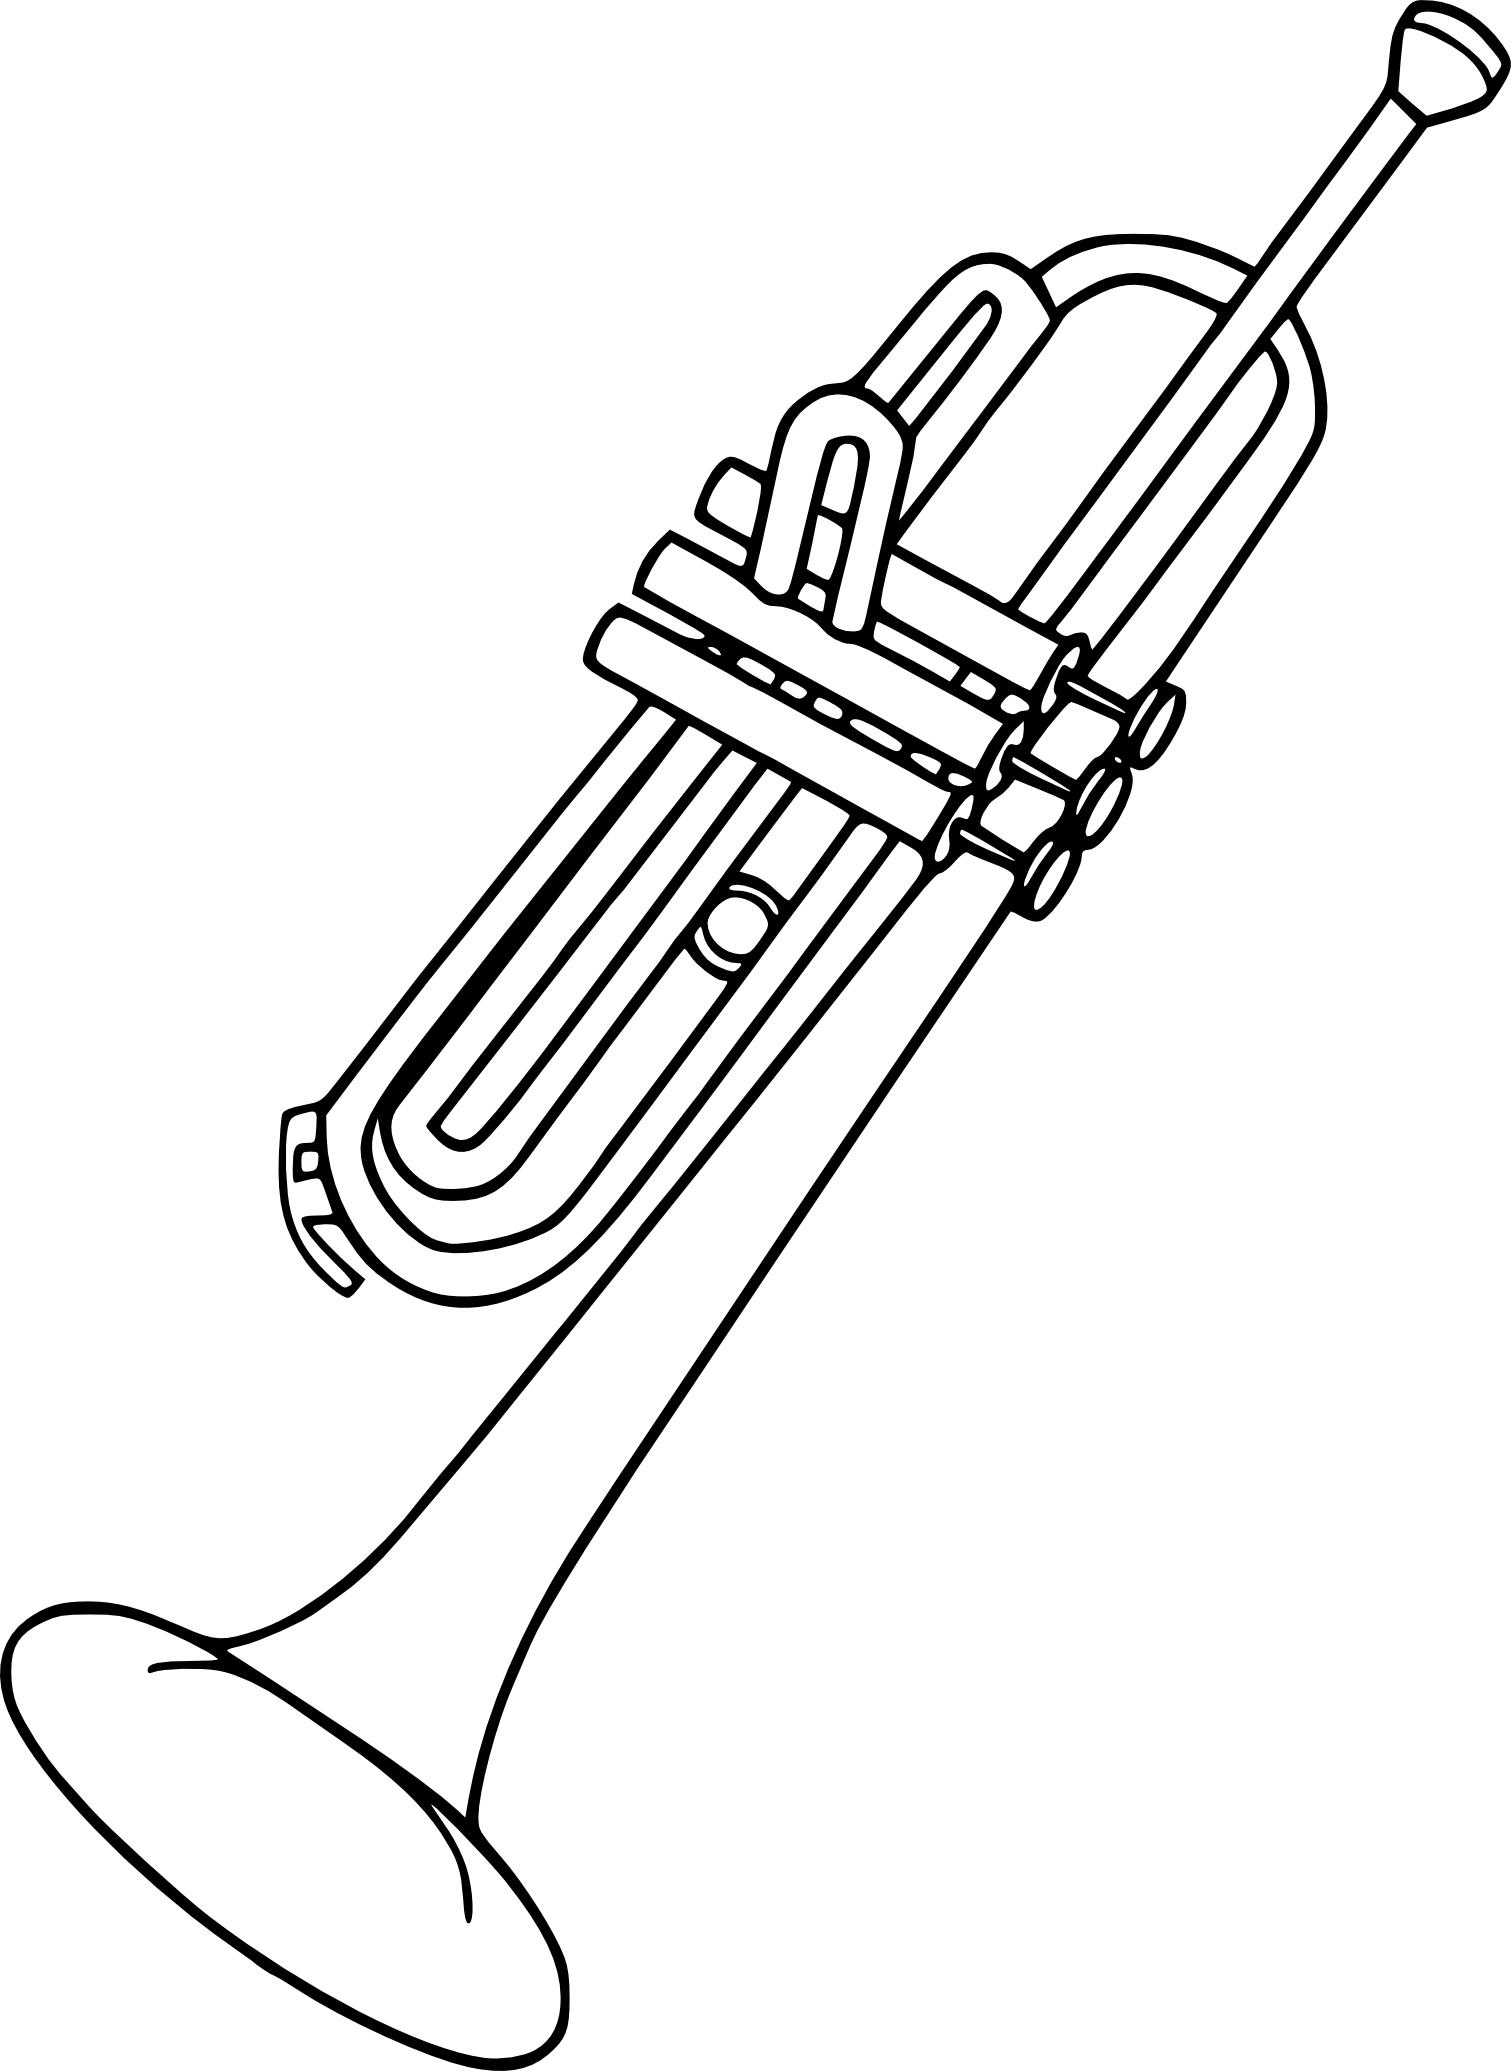 Coloriage trompette imprimer - Dessin de flute ...